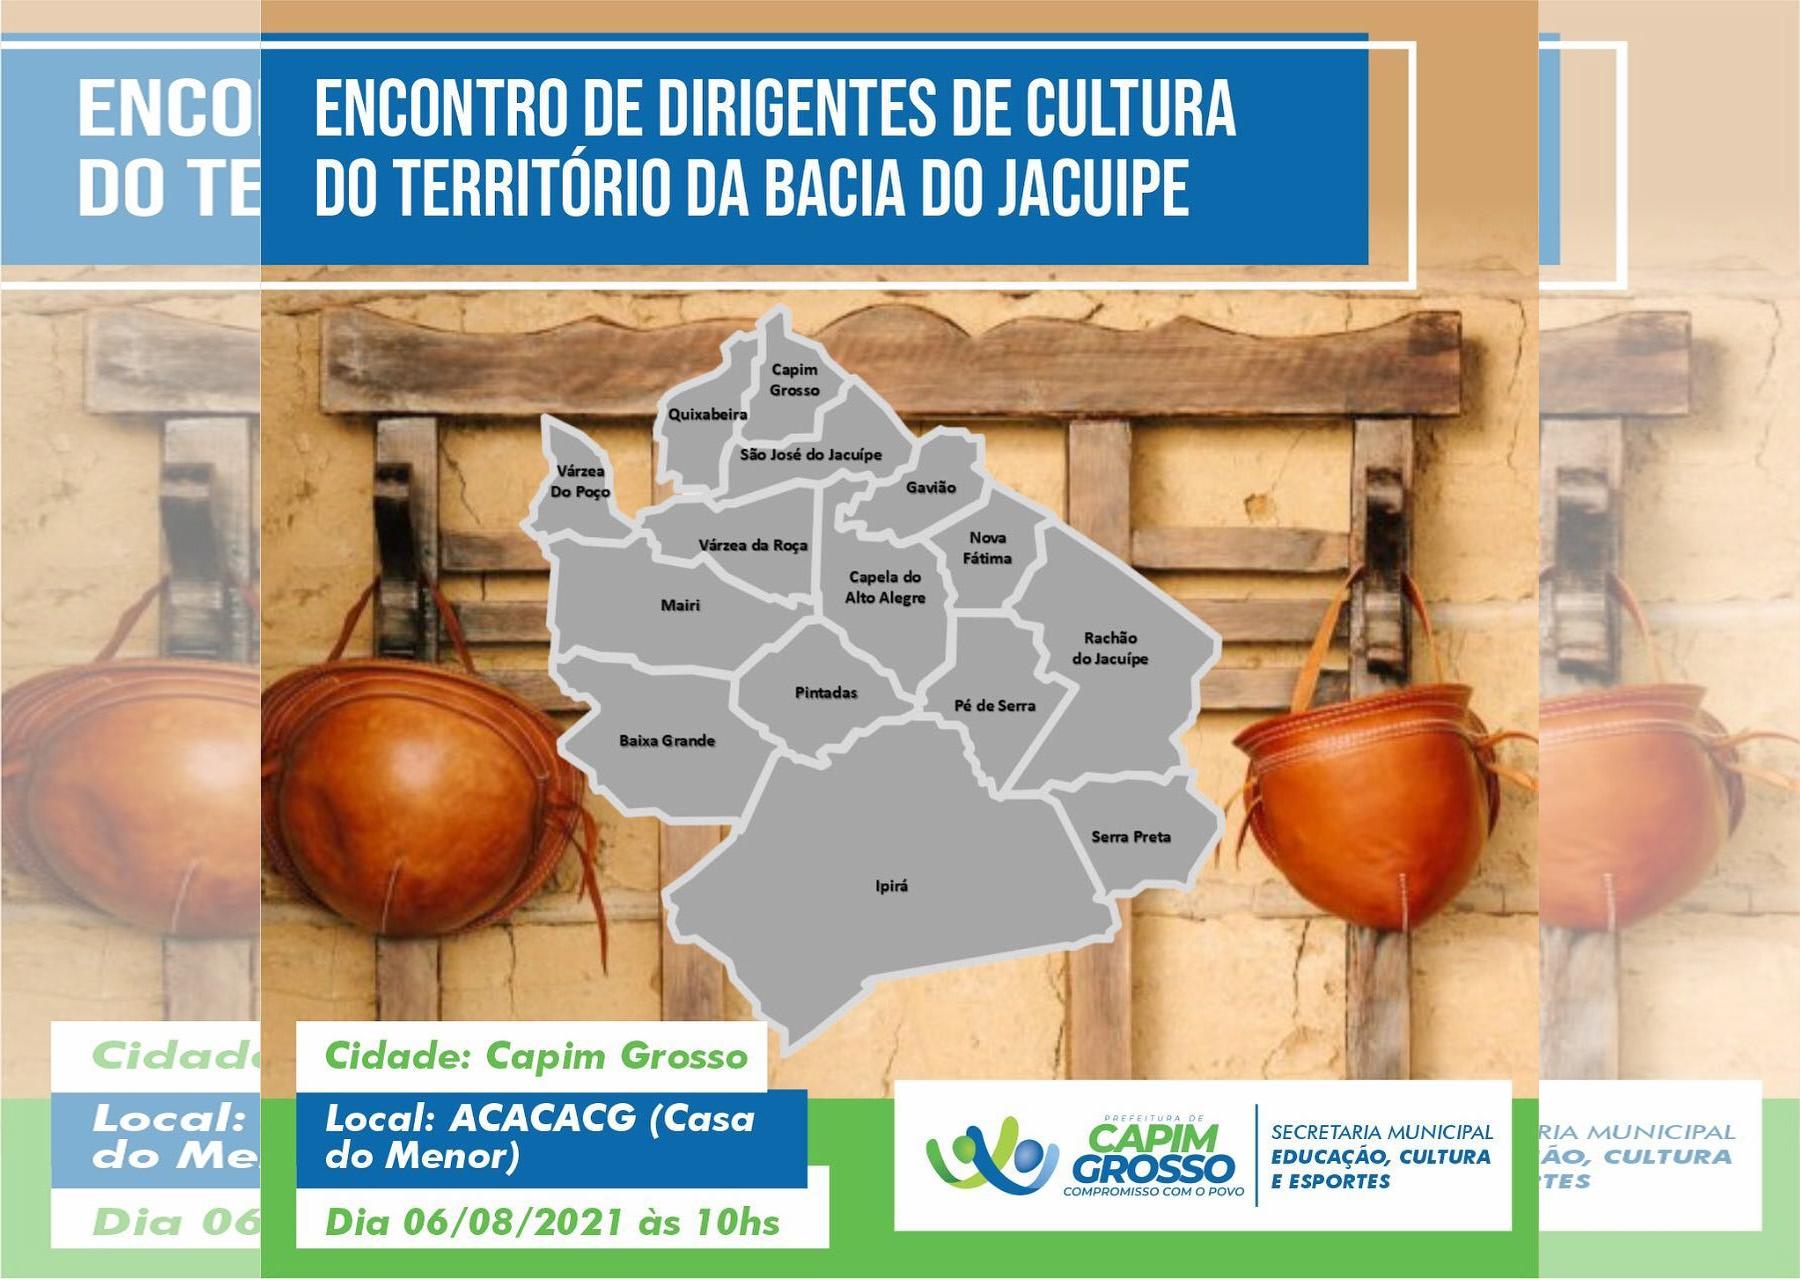 Capim Grosso sedia encontro de Dirigentes da Cultura o território da Bacia do Jacuípe